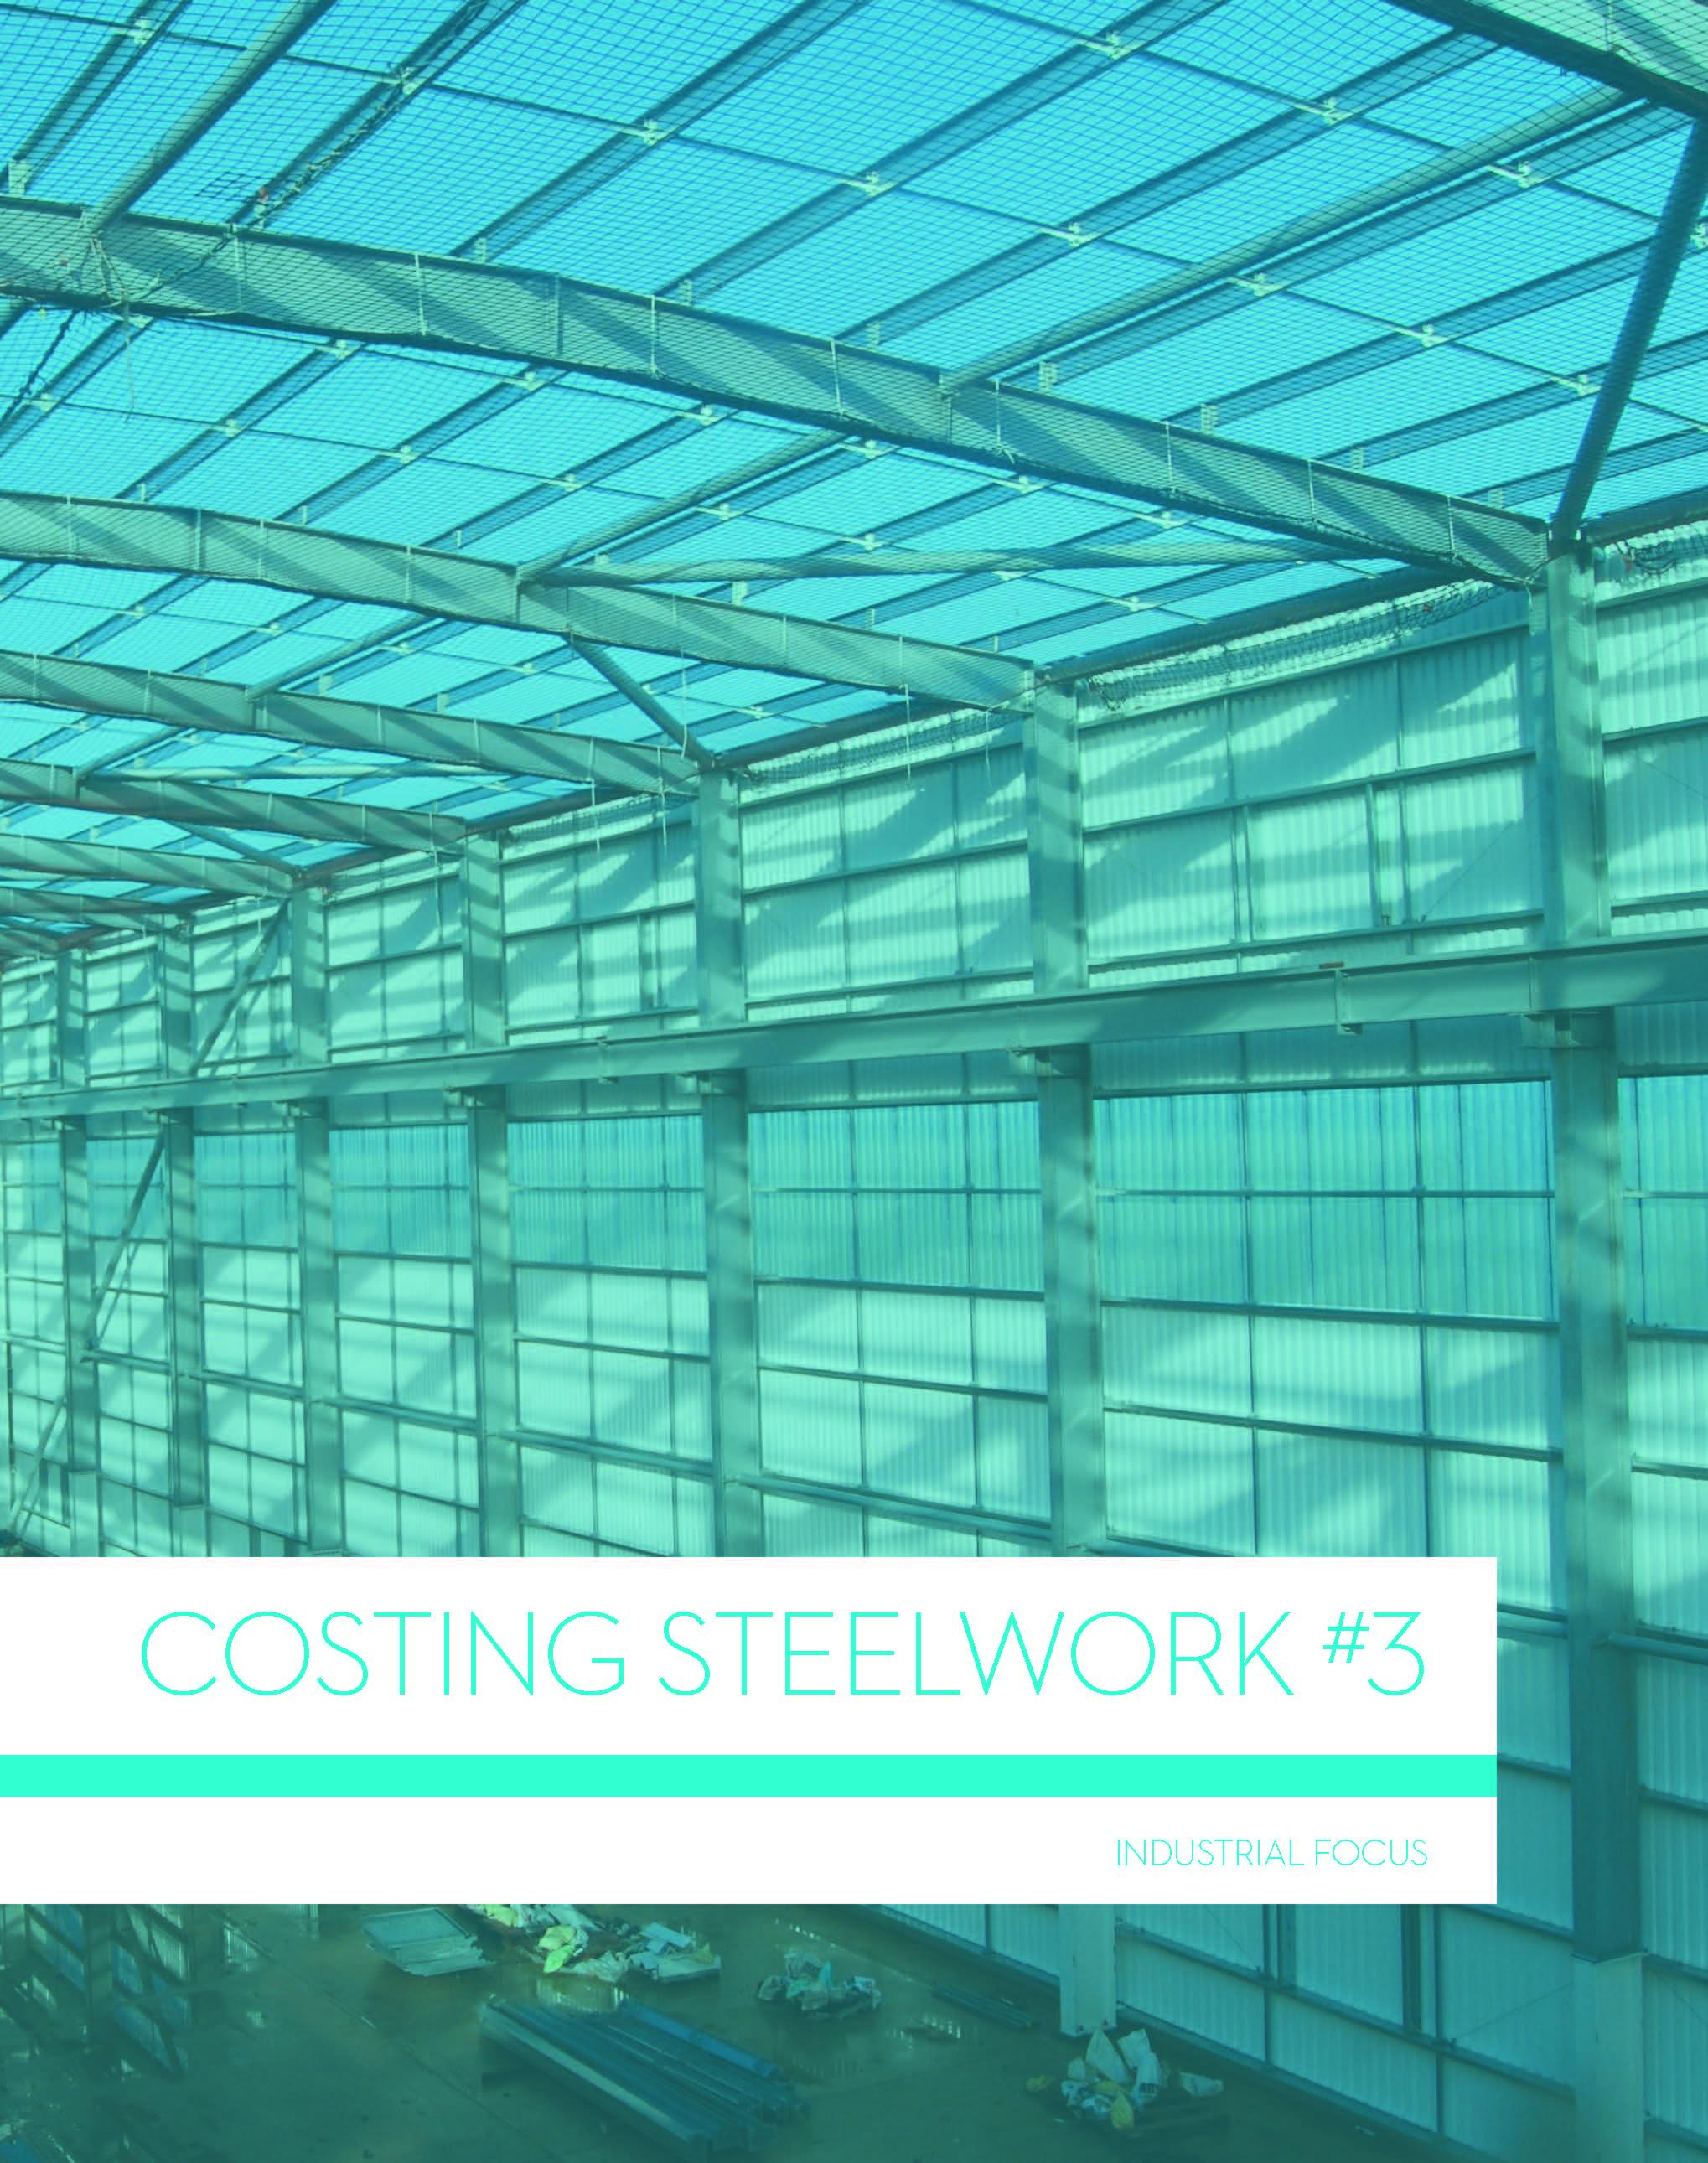 Costing Steelwork 2017 industrial